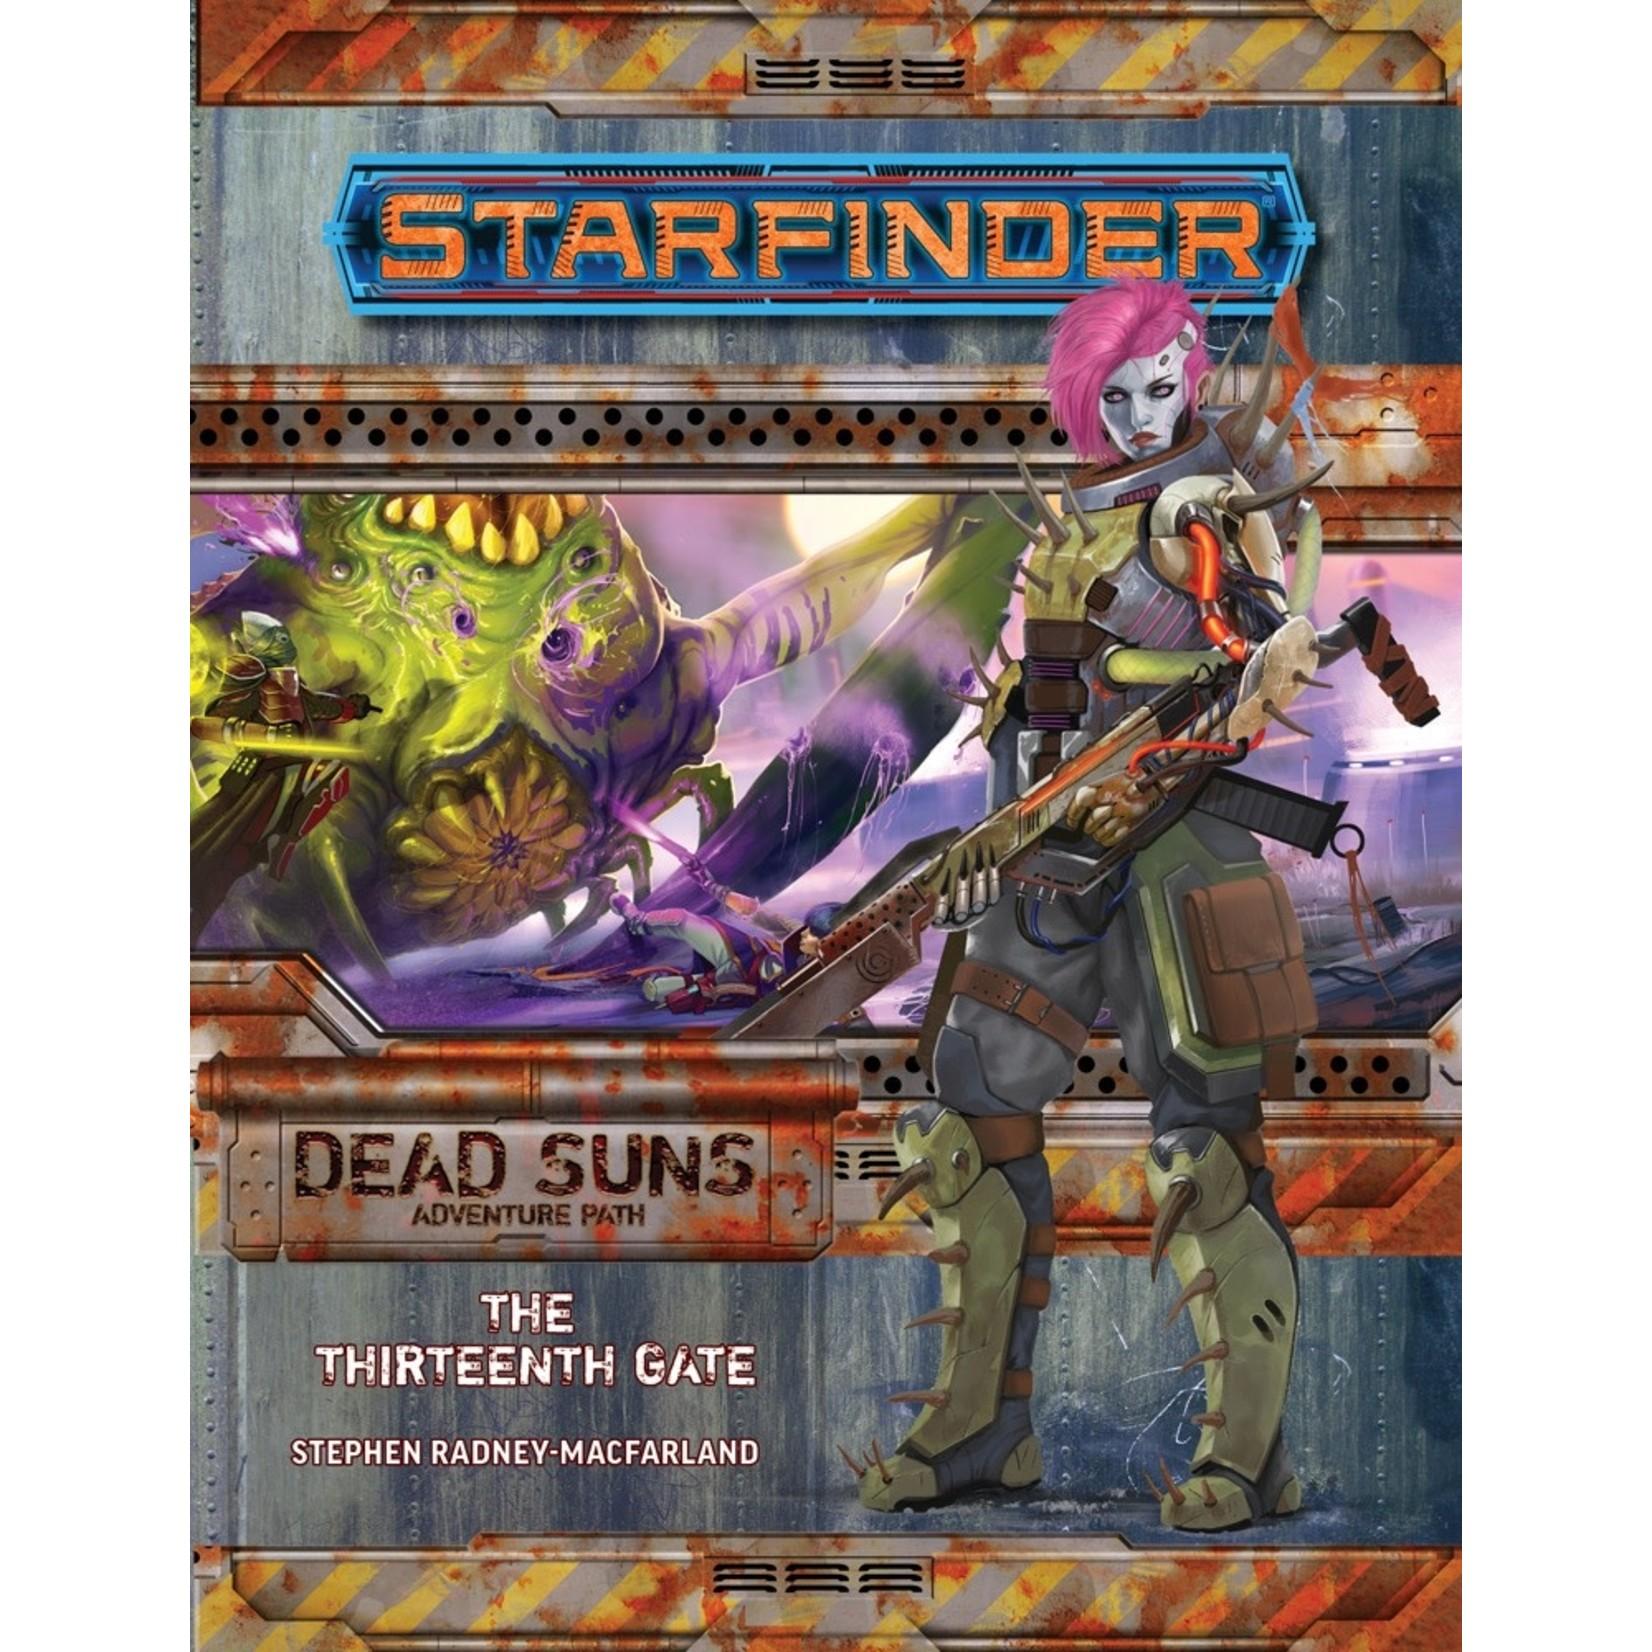 Starfinder RPG Adventure Path: Dead Suns 5 The Thirteenth Gate